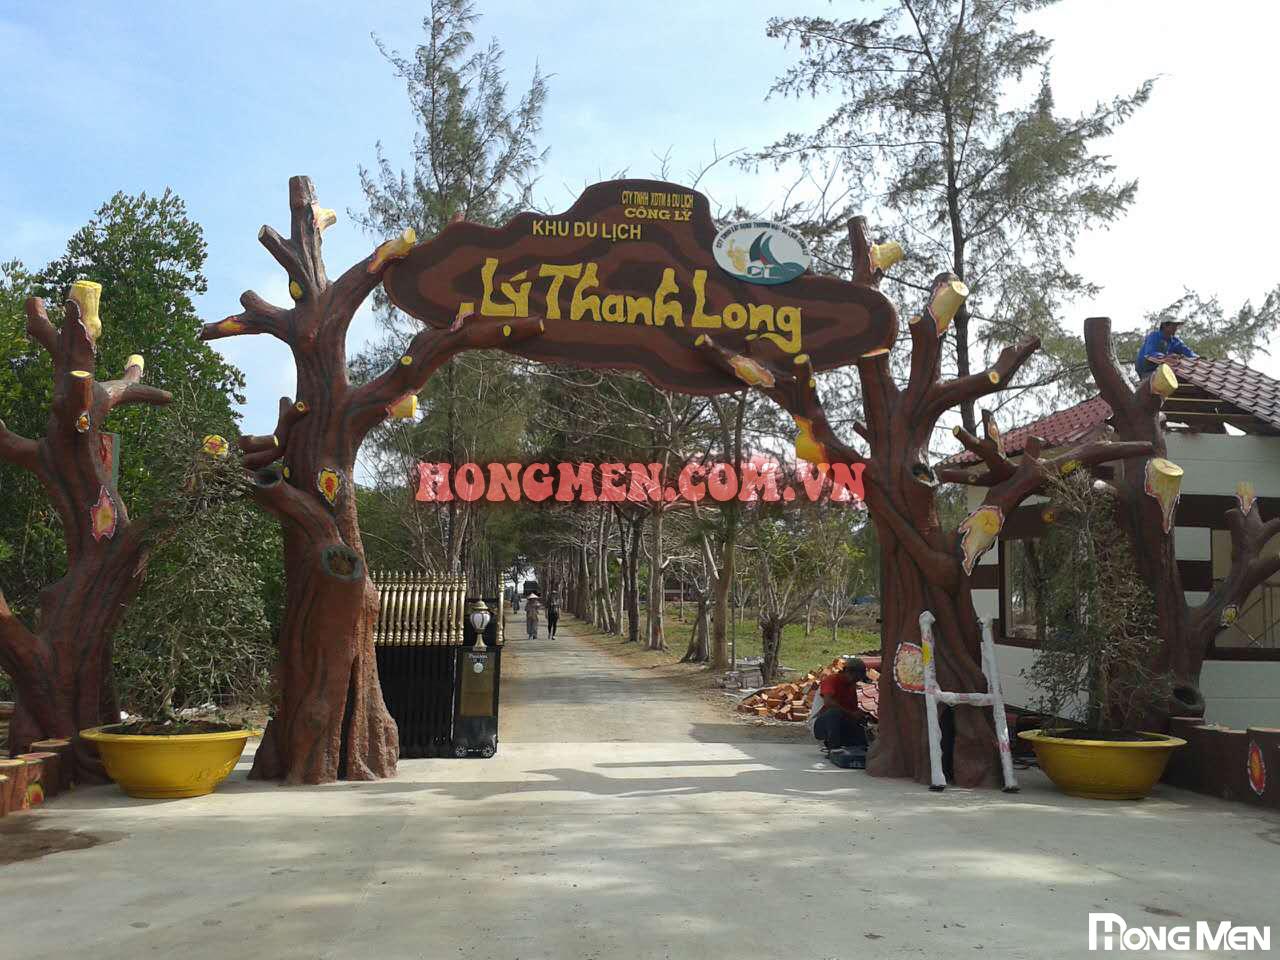 KDL Lý Thanh Long